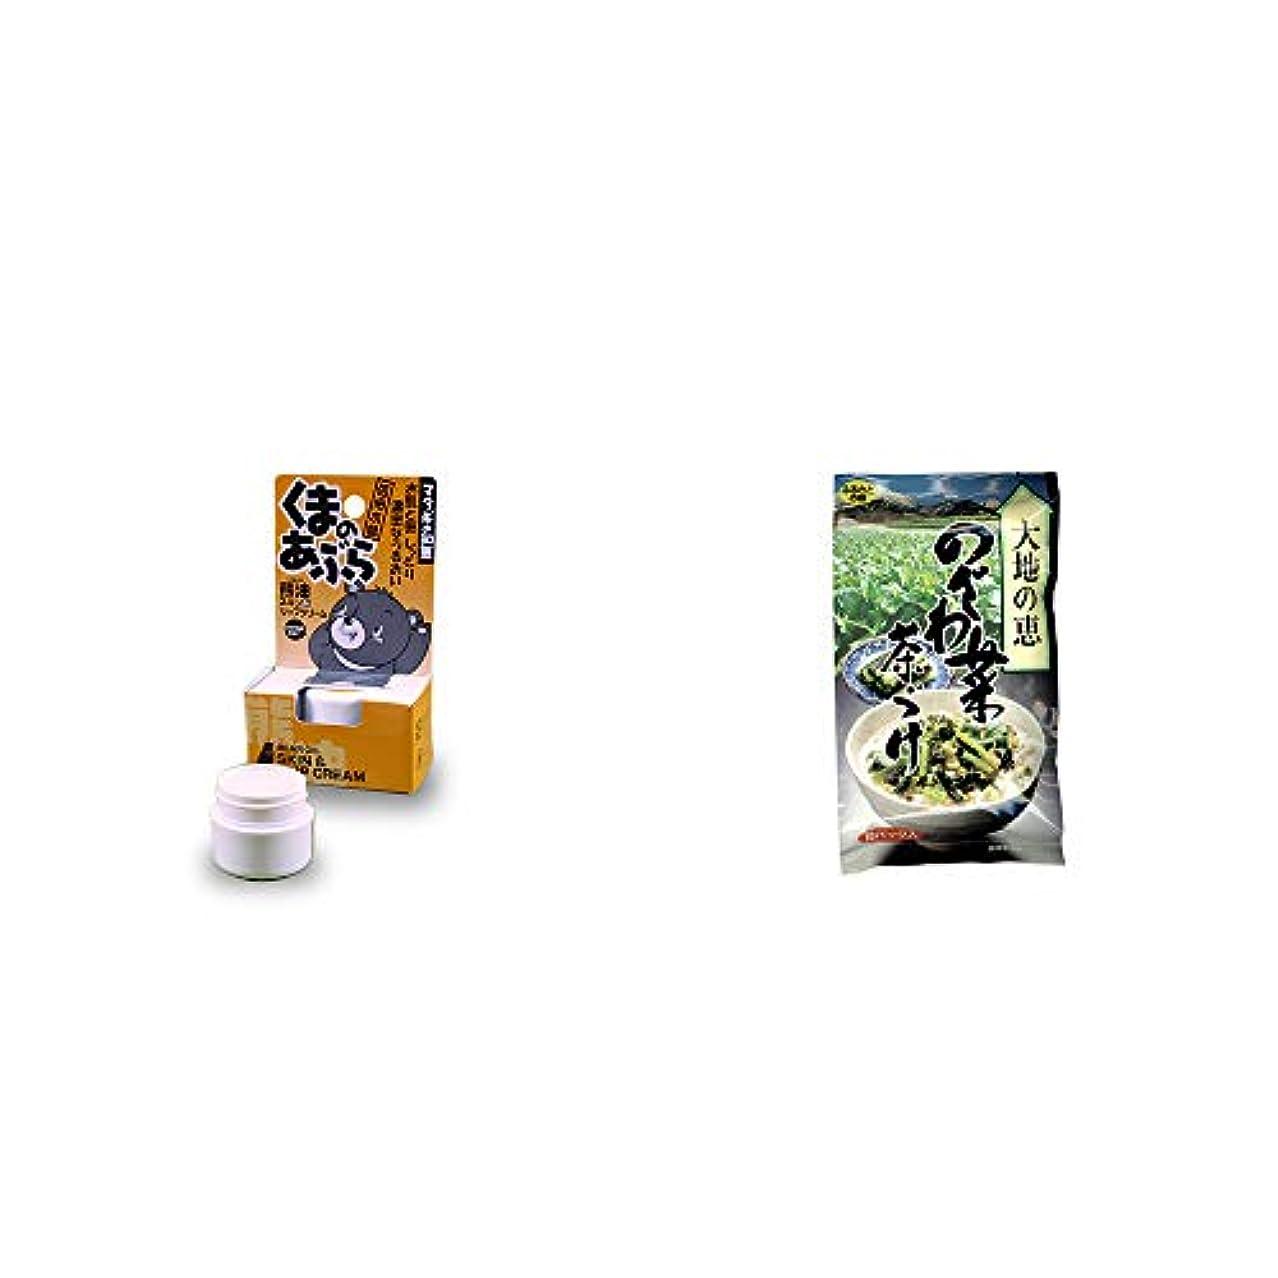 ハンバーガー医師方言[2点セット] 信州木曽 くまのあぶら 熊油スキン&リップクリーム(9g)?特選茶漬け 大地の恵 のざわ菜茶づけ(10袋入)